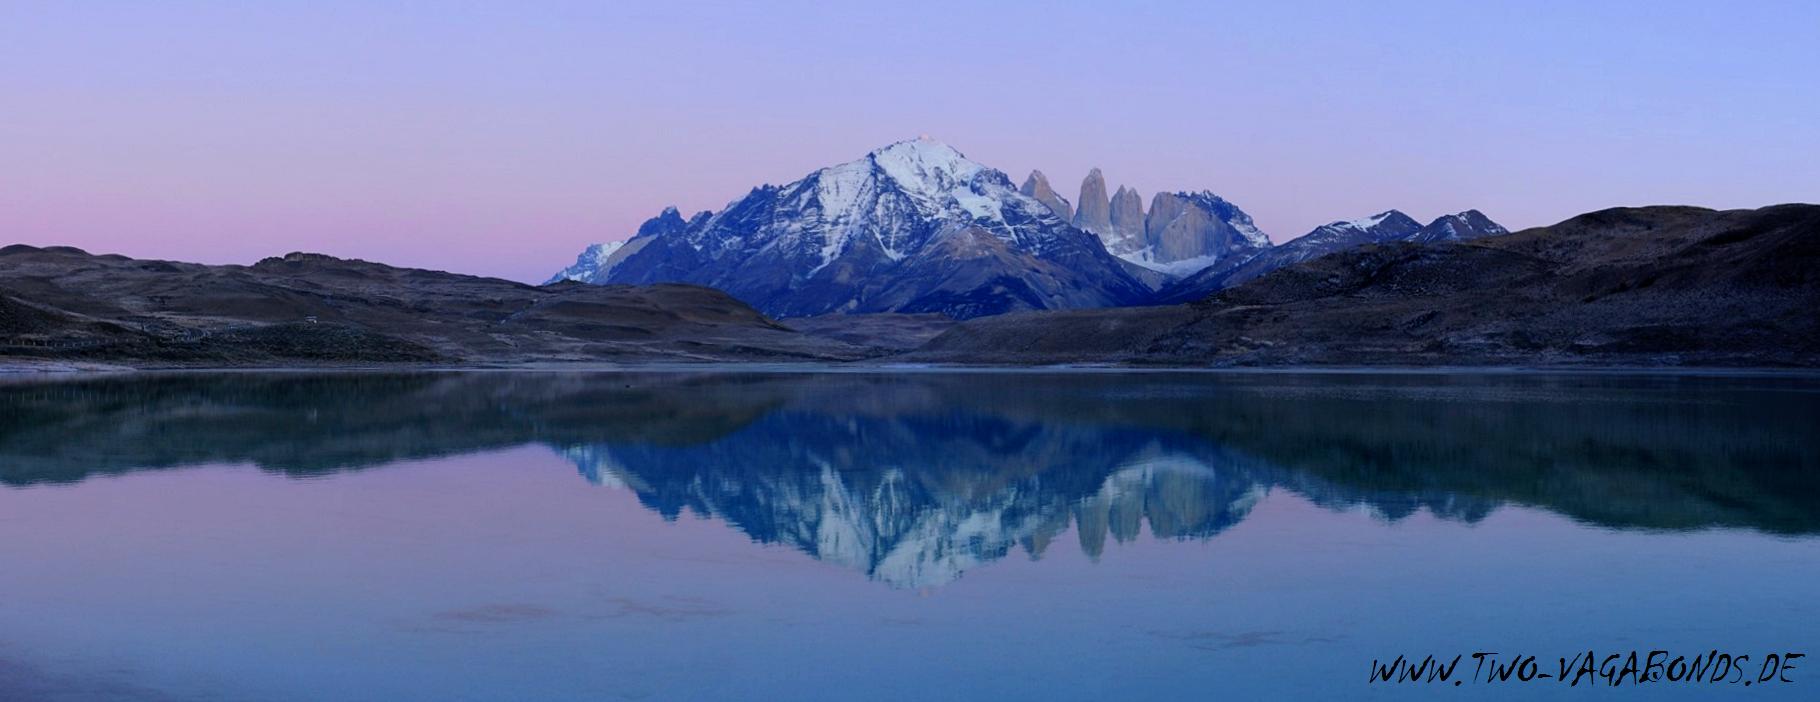 CHILE 2016 - PATAGONIEN - LAGUNA AMARGA/TORRES DEL PAINE